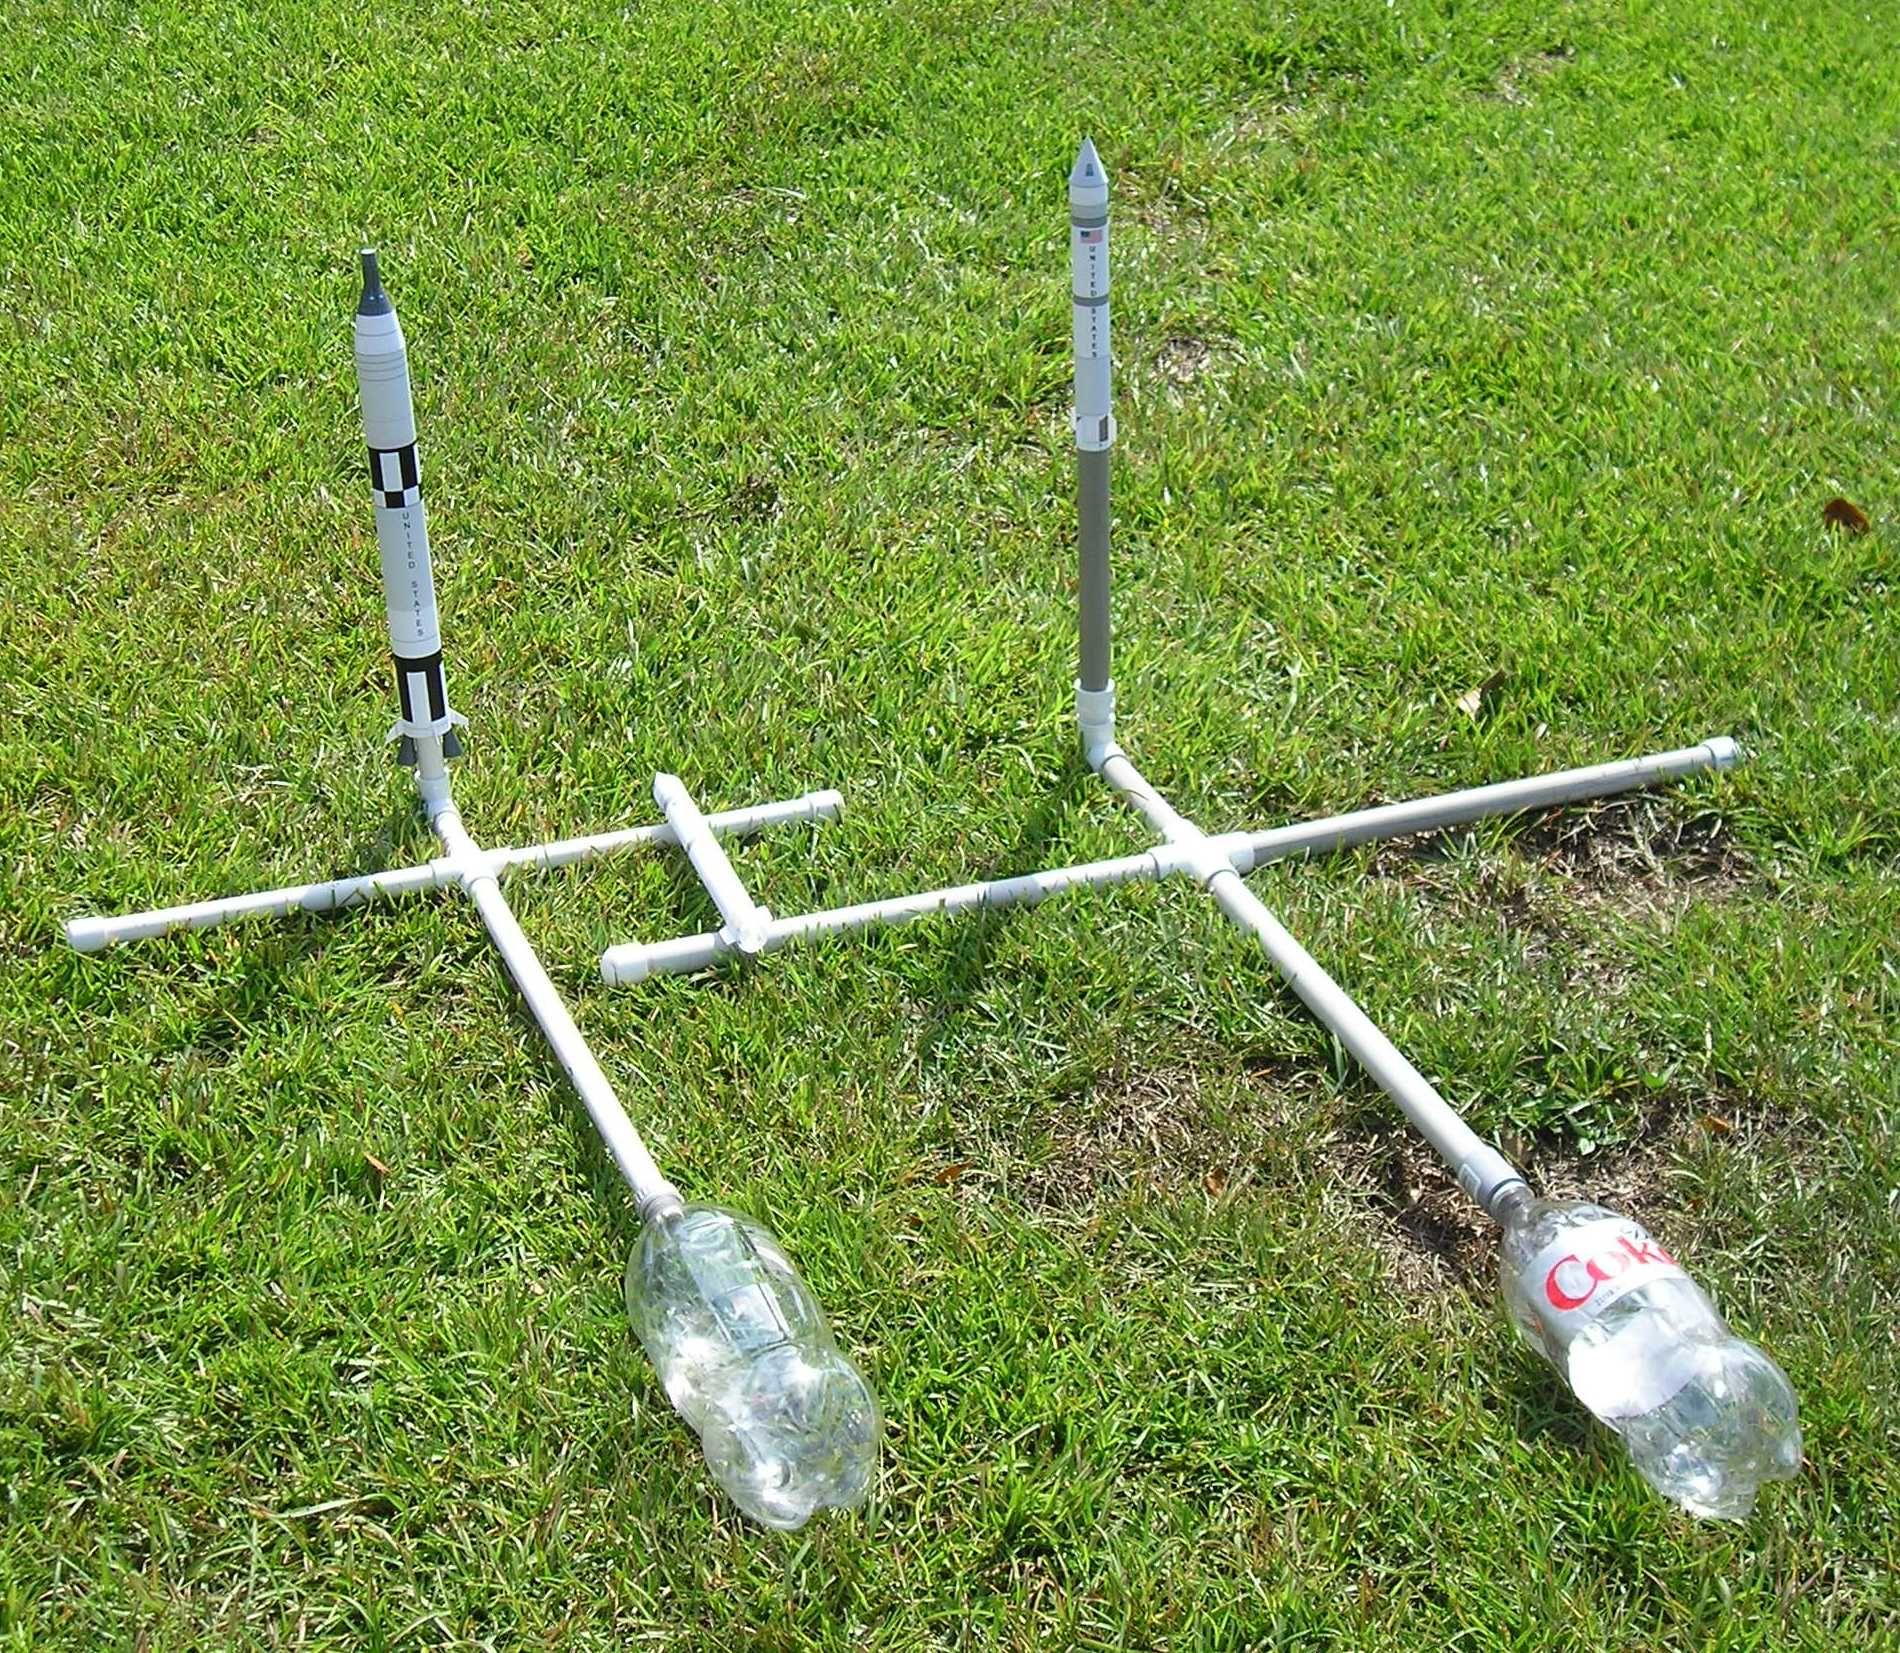 Water Bottle Rocket Projects: Bottle Rocket Paper Rockets